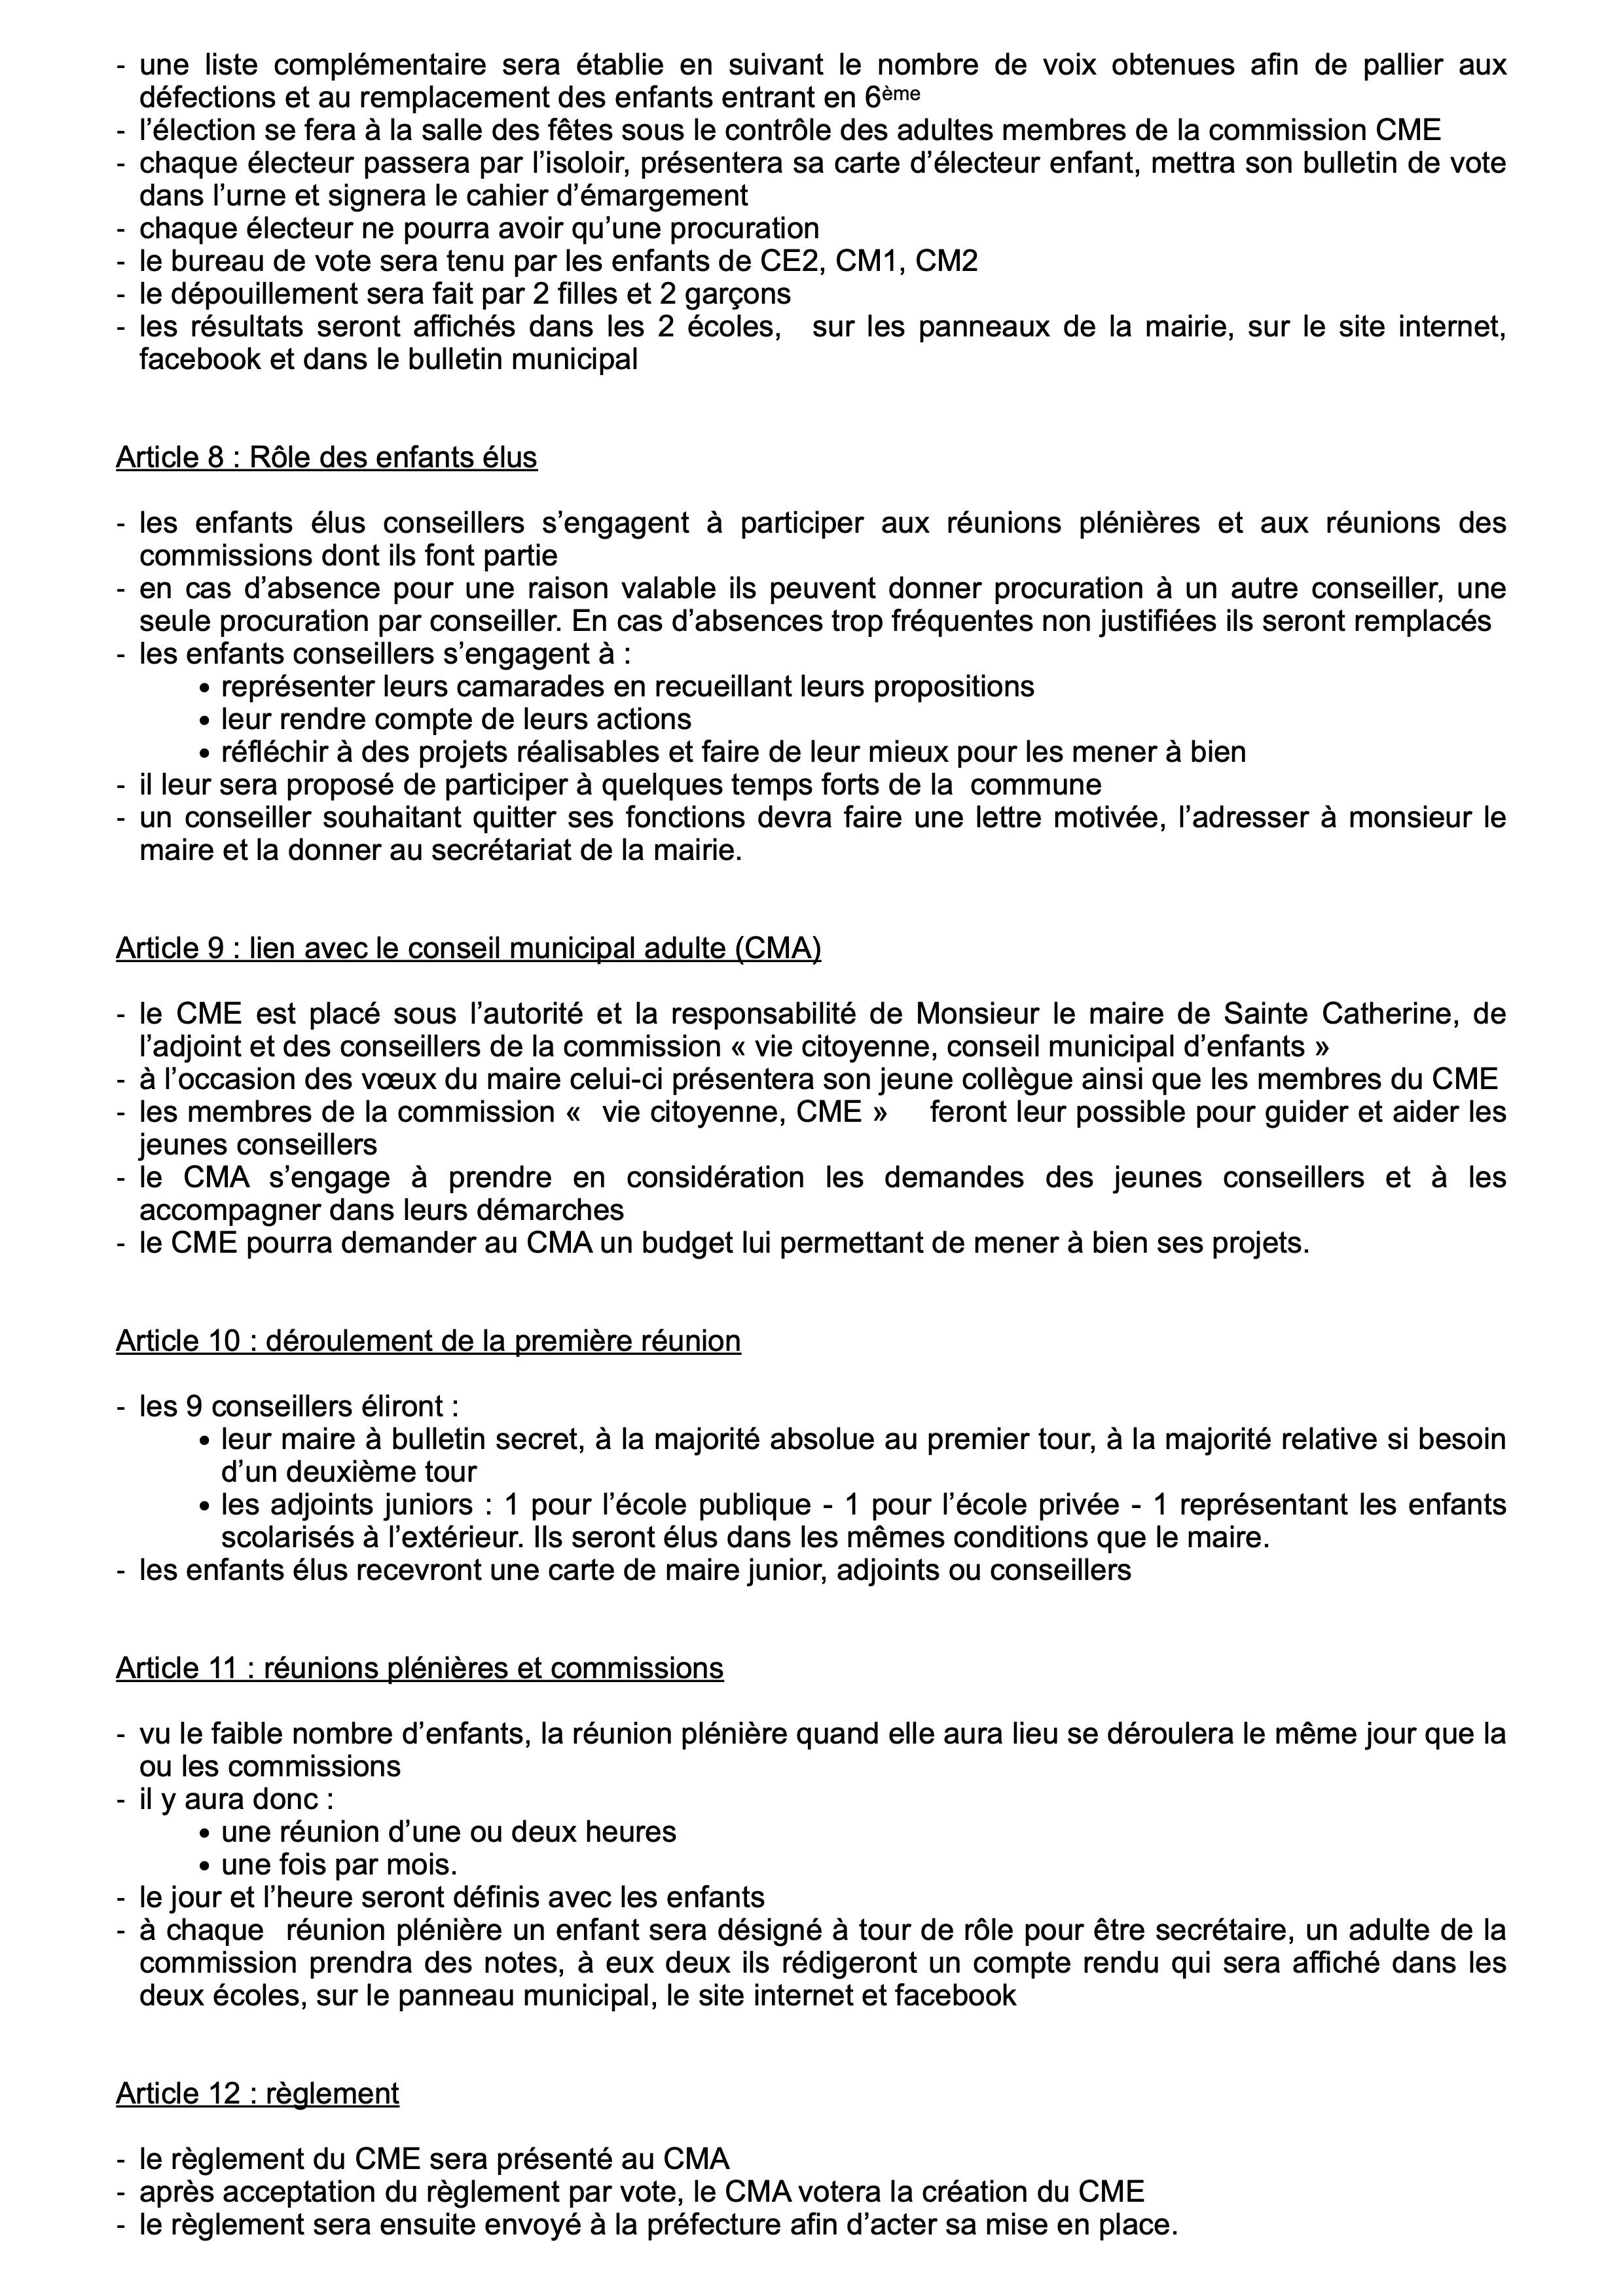 Règlement du conseil municipal d'enfants page 2.jpg